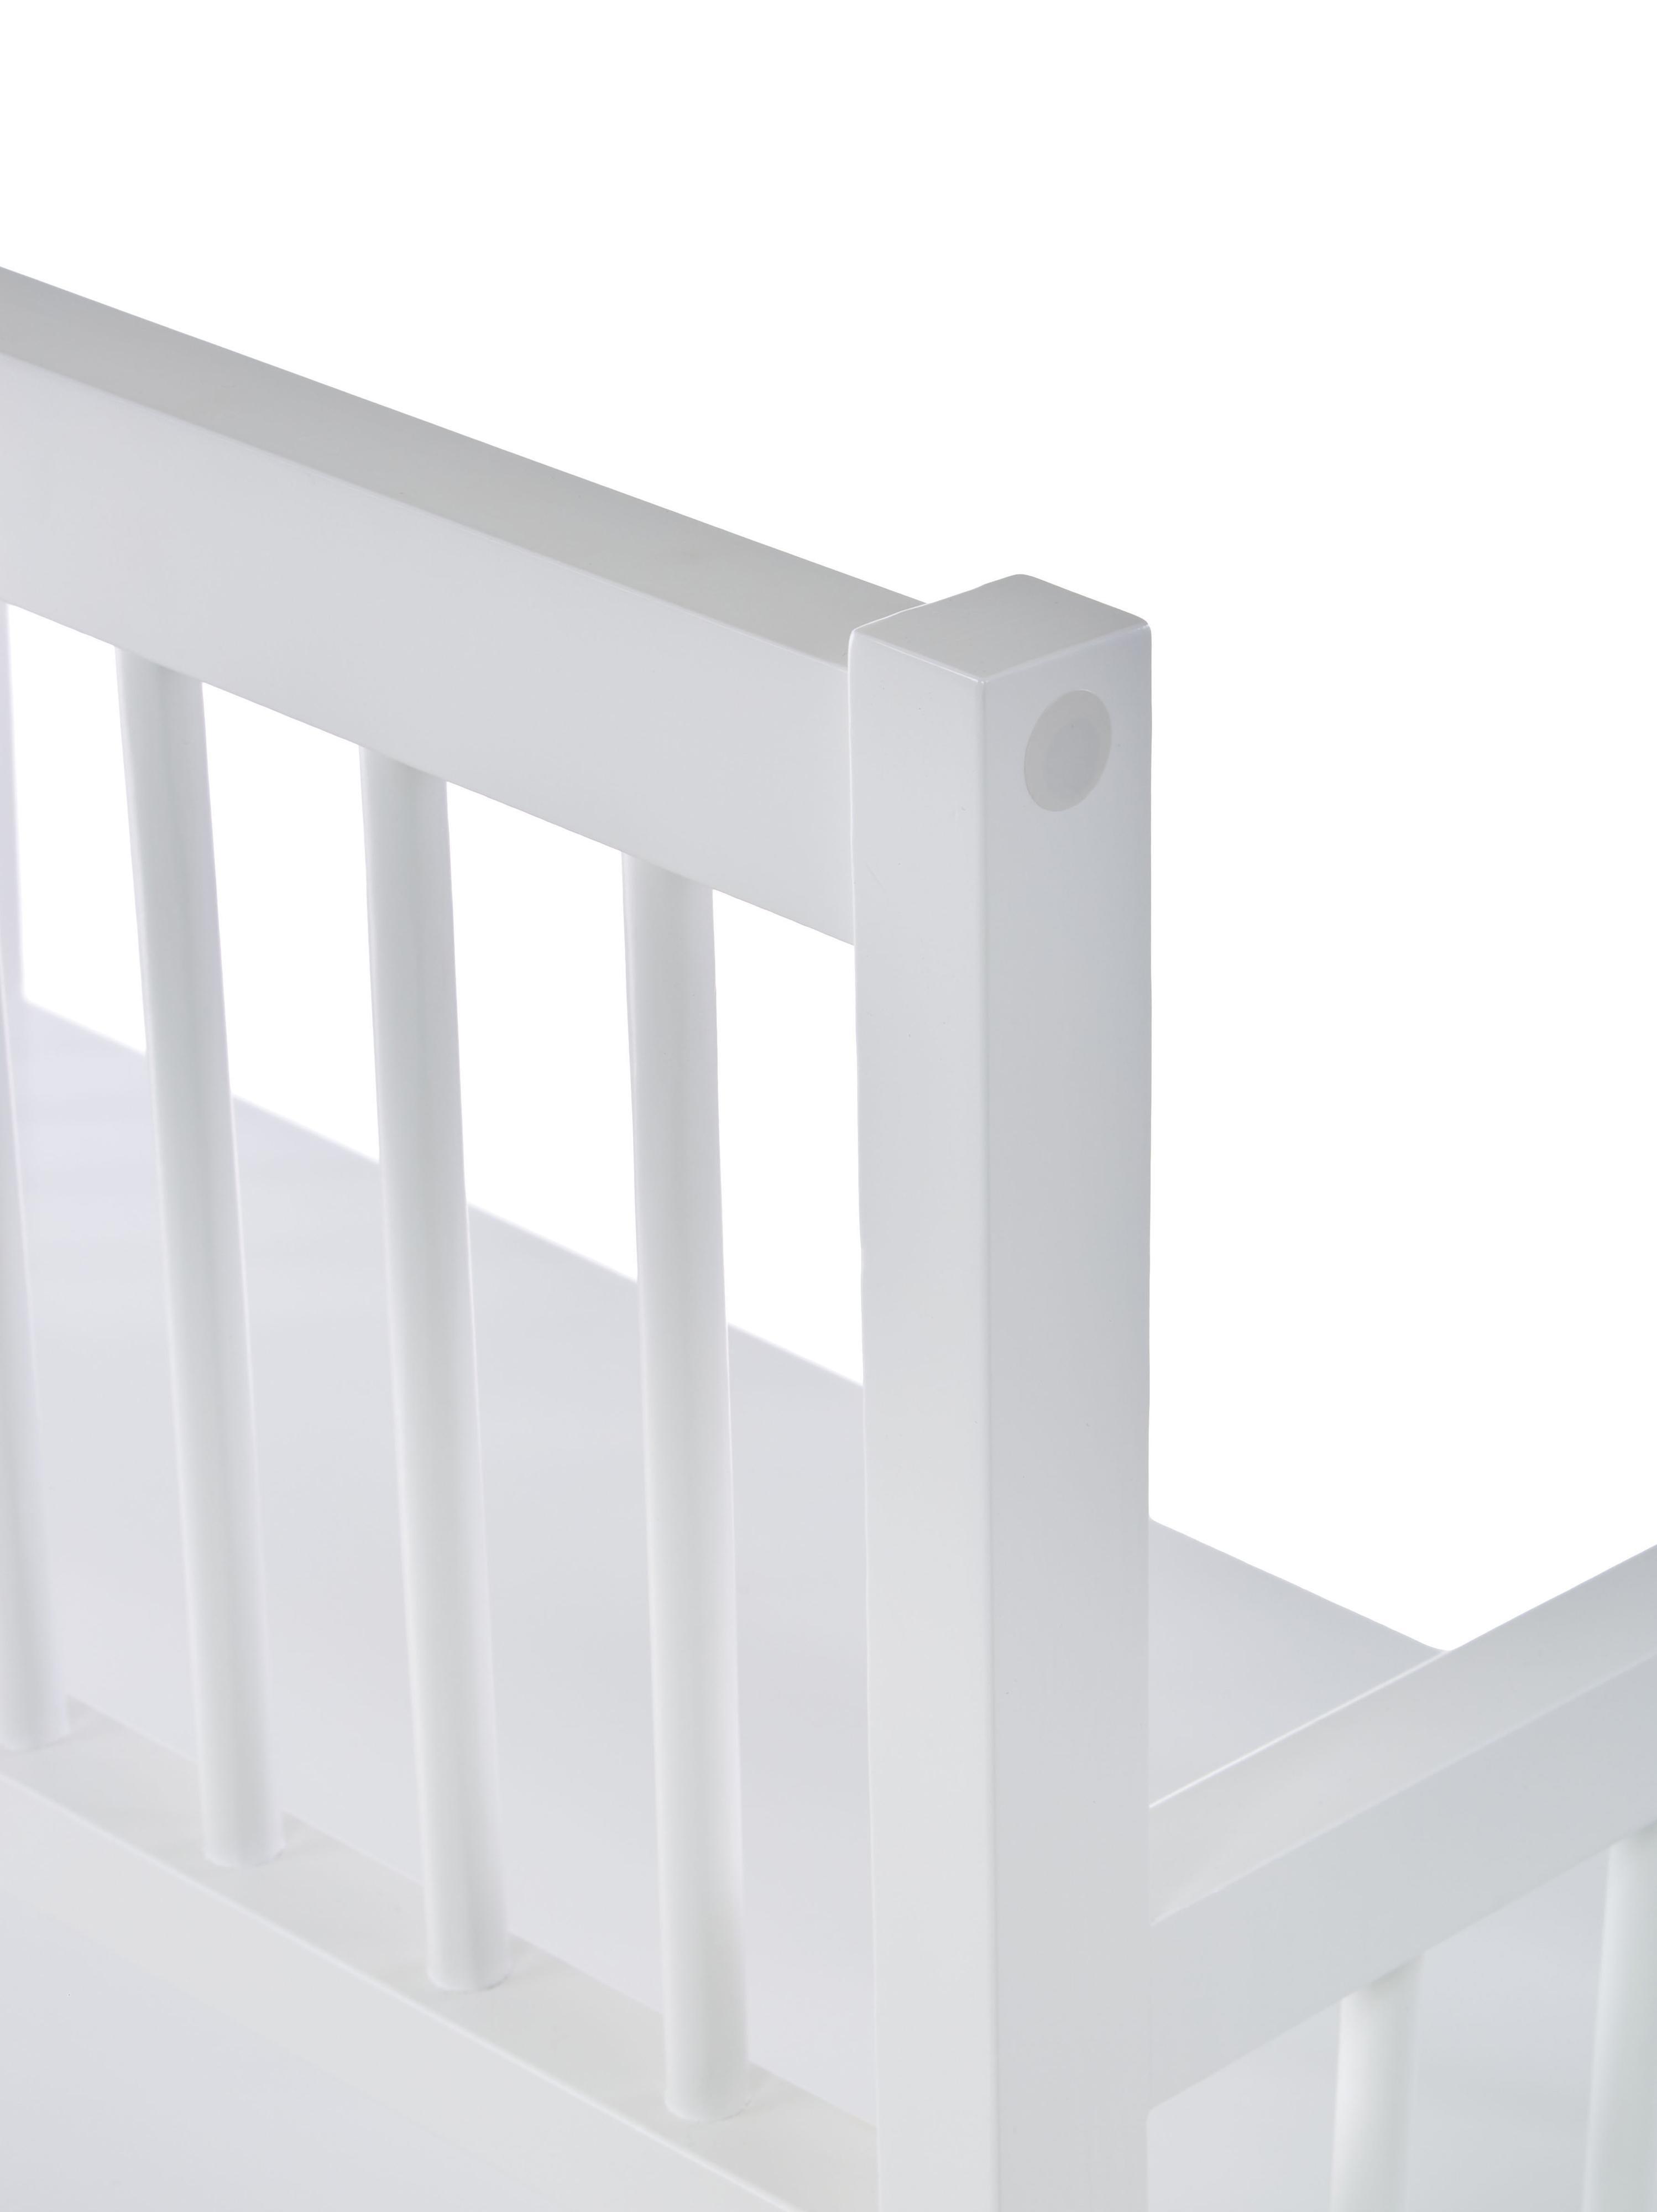 Sitzbank Emma mit Stauraum, Bezug: Polyester, Gestell: Mitteldichte Holzfaserpla, Weiss, 90 x 85 cm